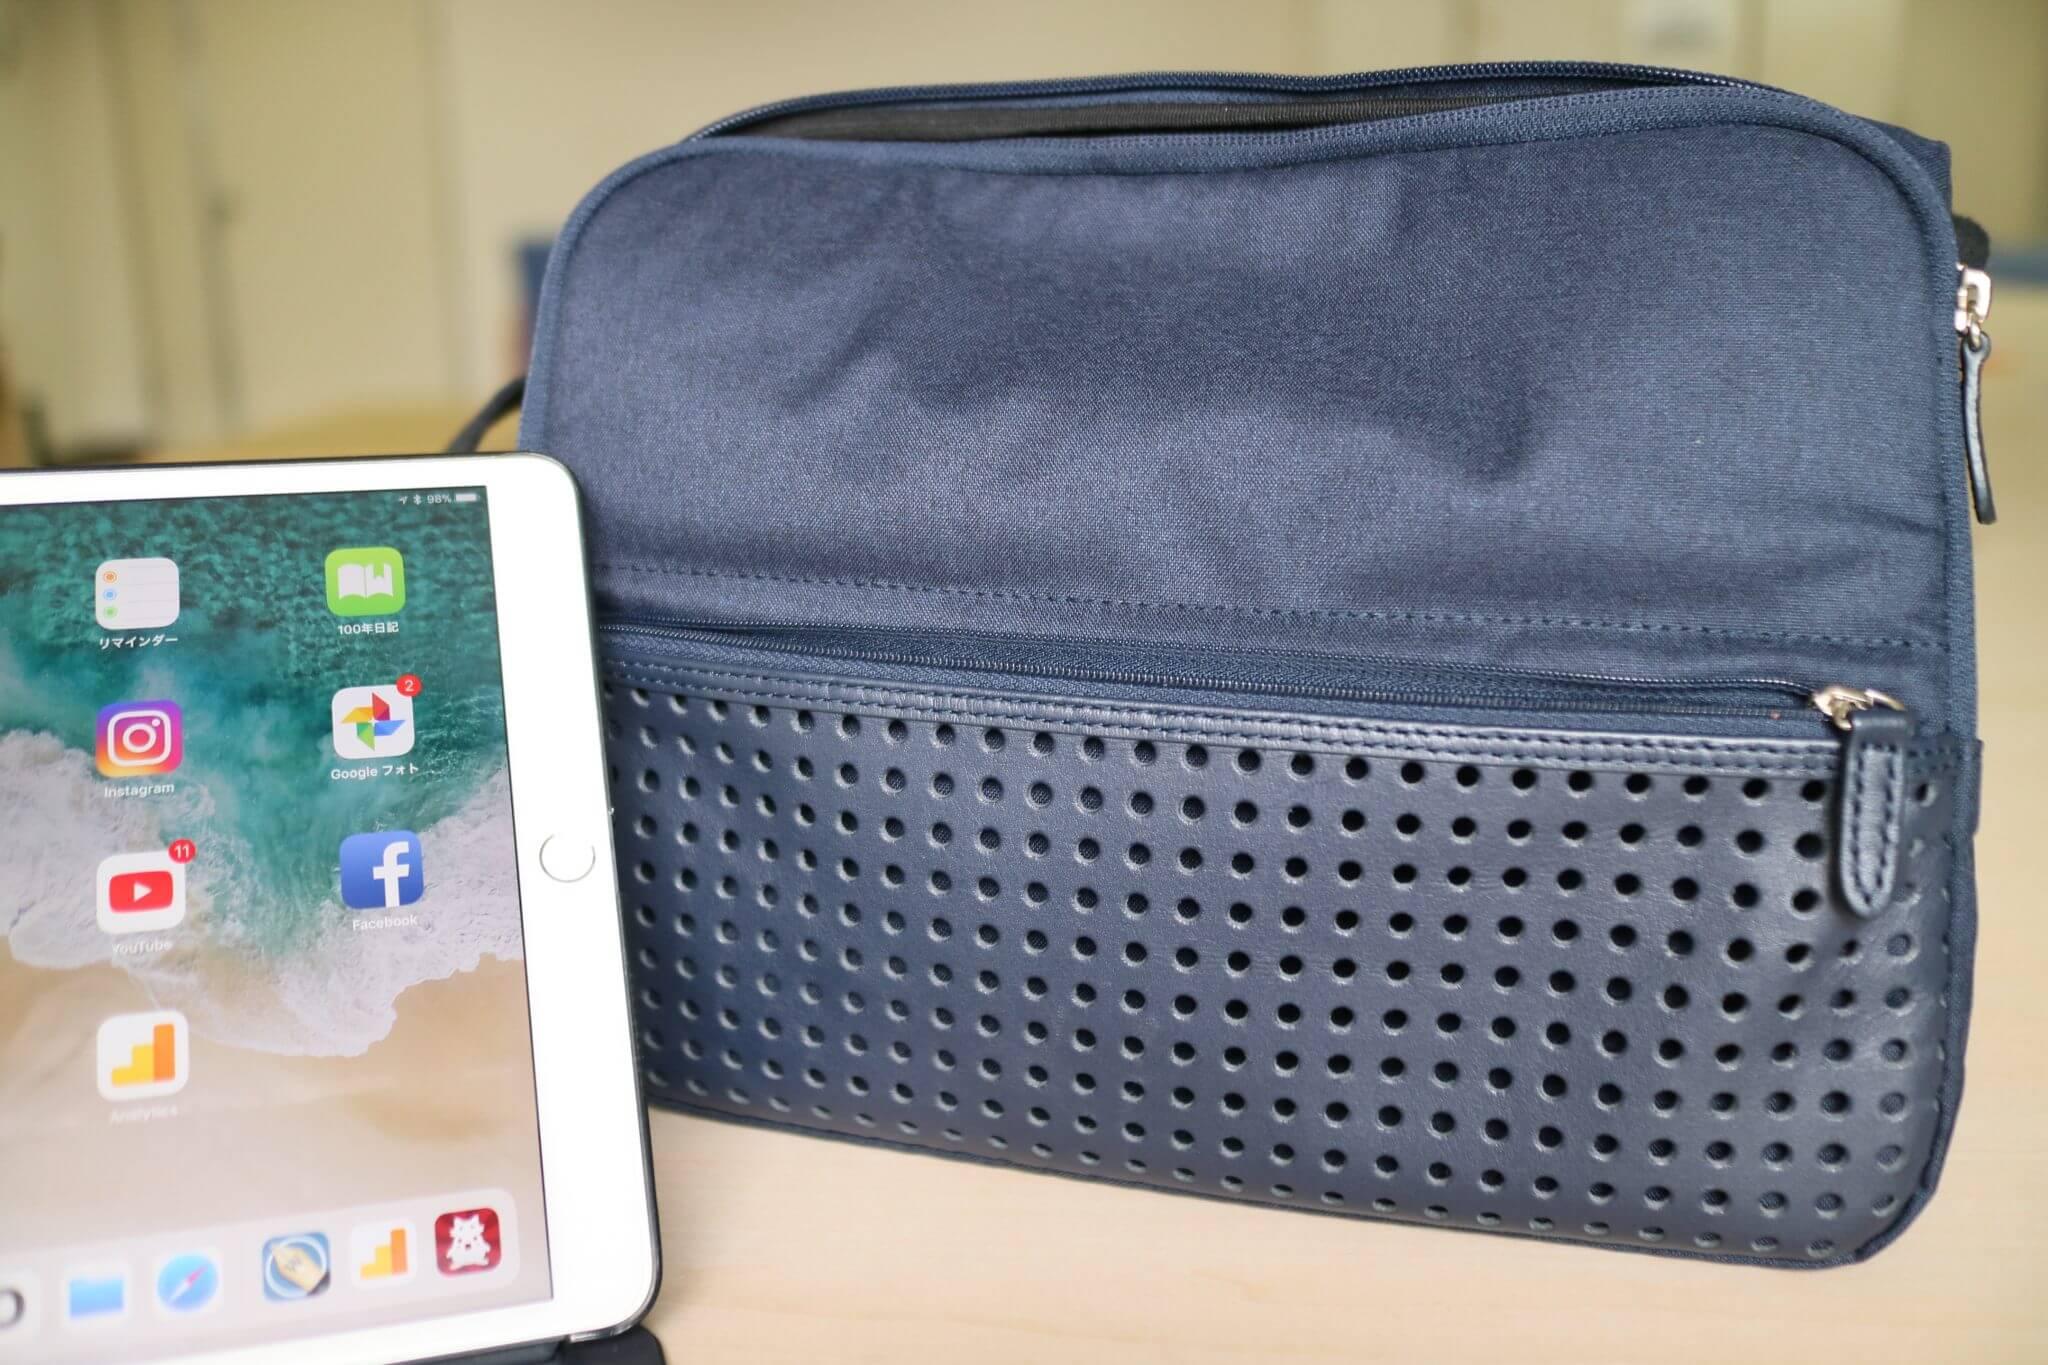 「ひらくPCバッグnano」レビュー 10.5インチiPad Proがジャストフィット